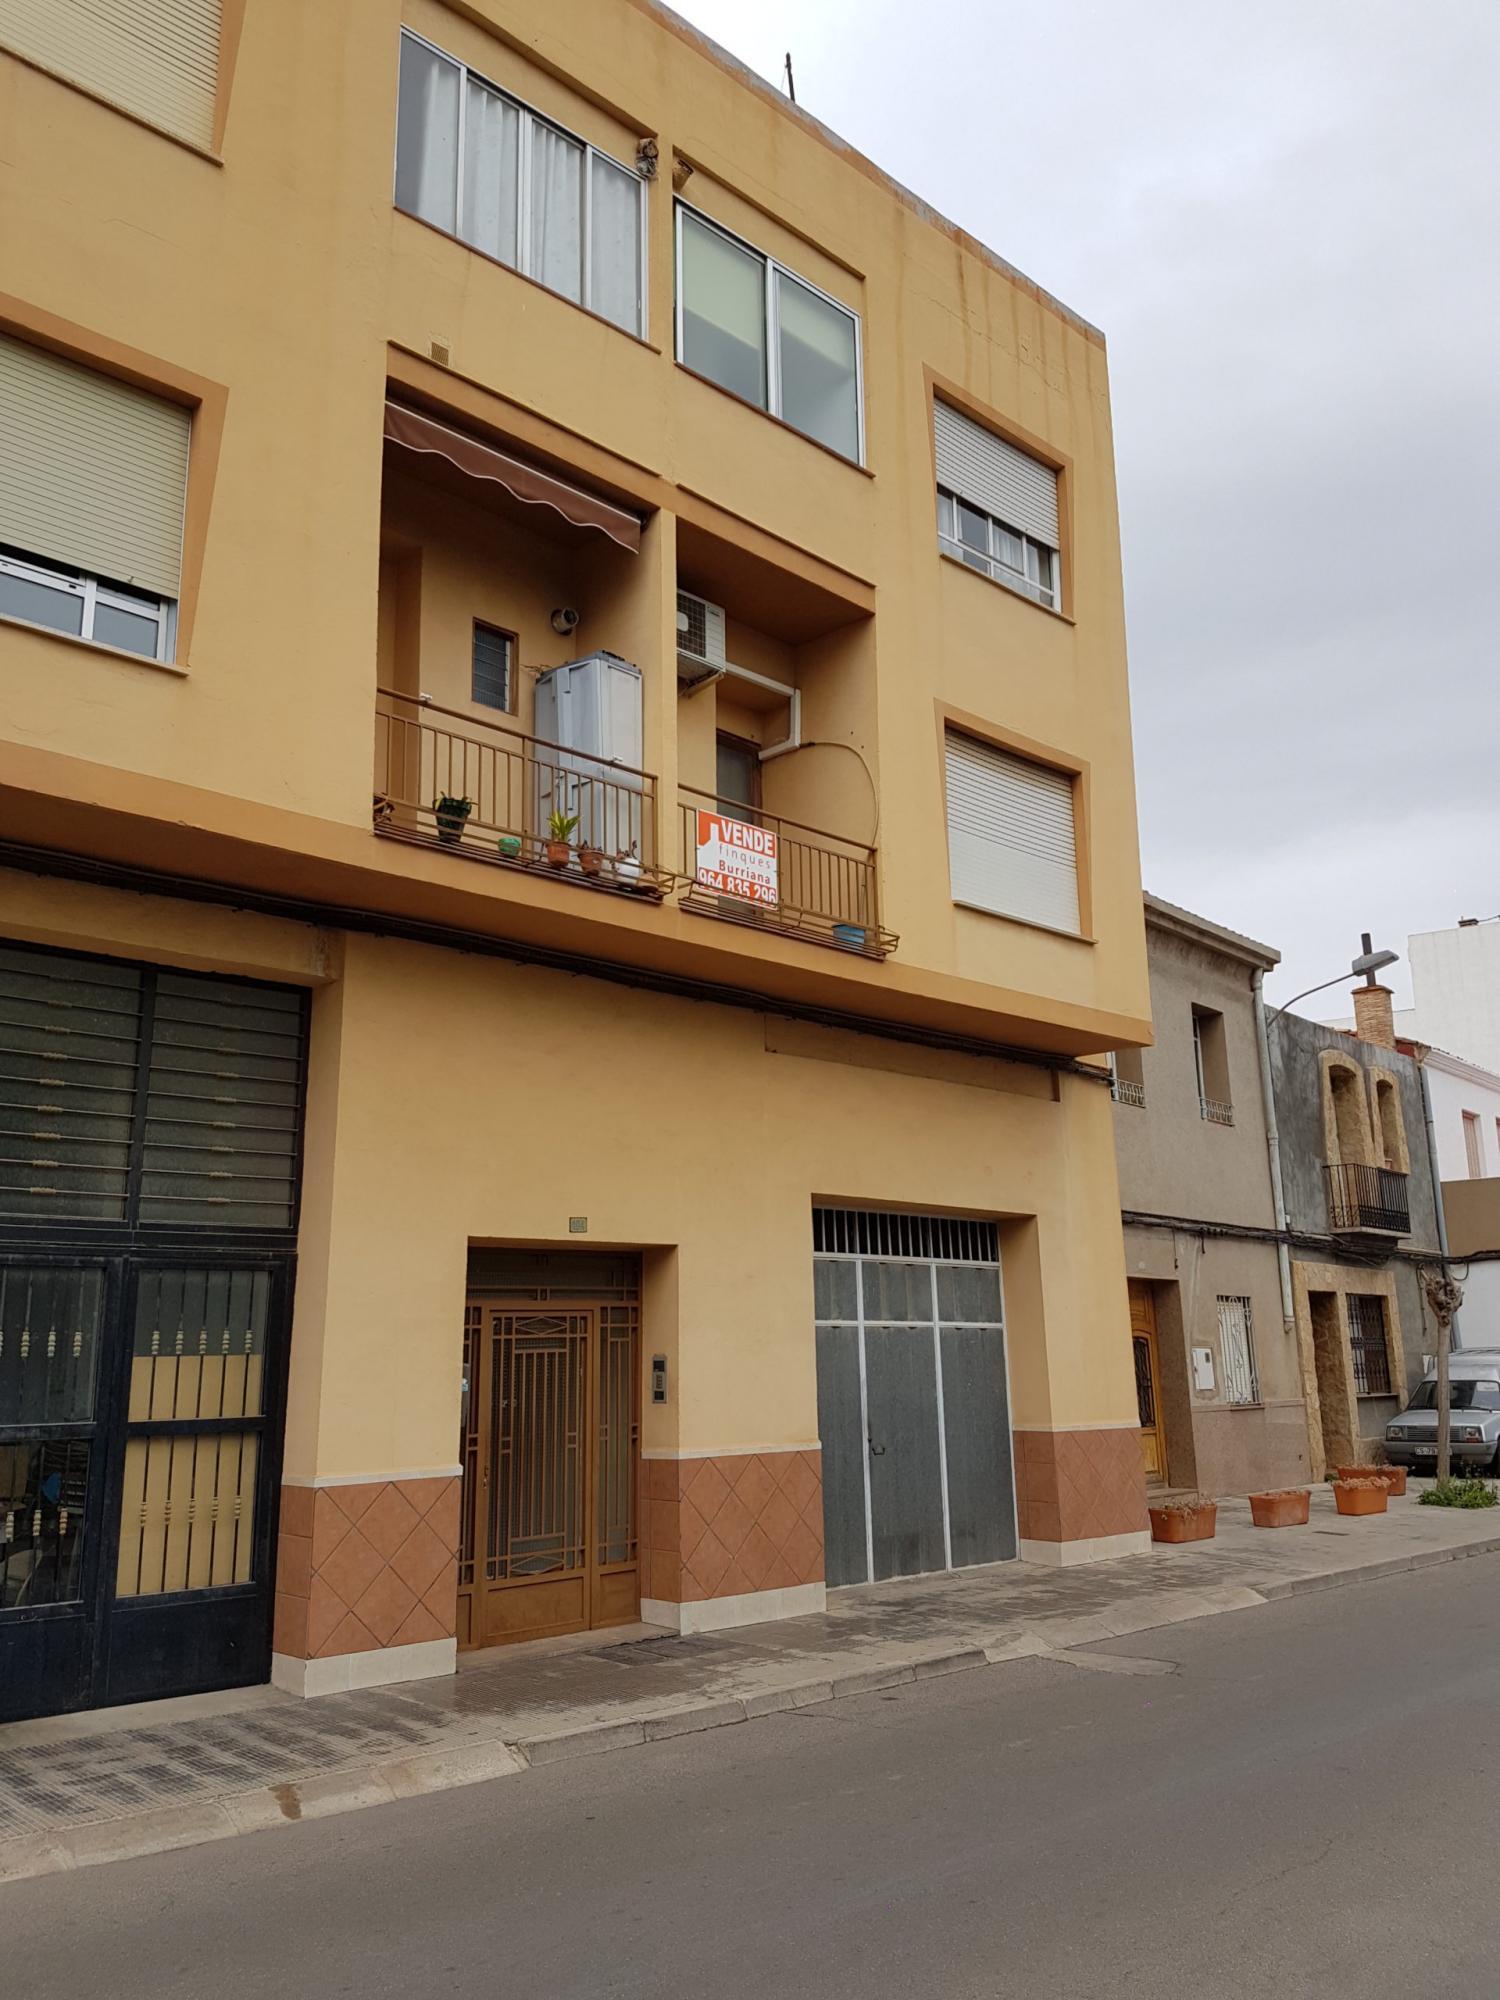 Piso mas almacén en Venta en Alquerías del niño perdido (Castellón)